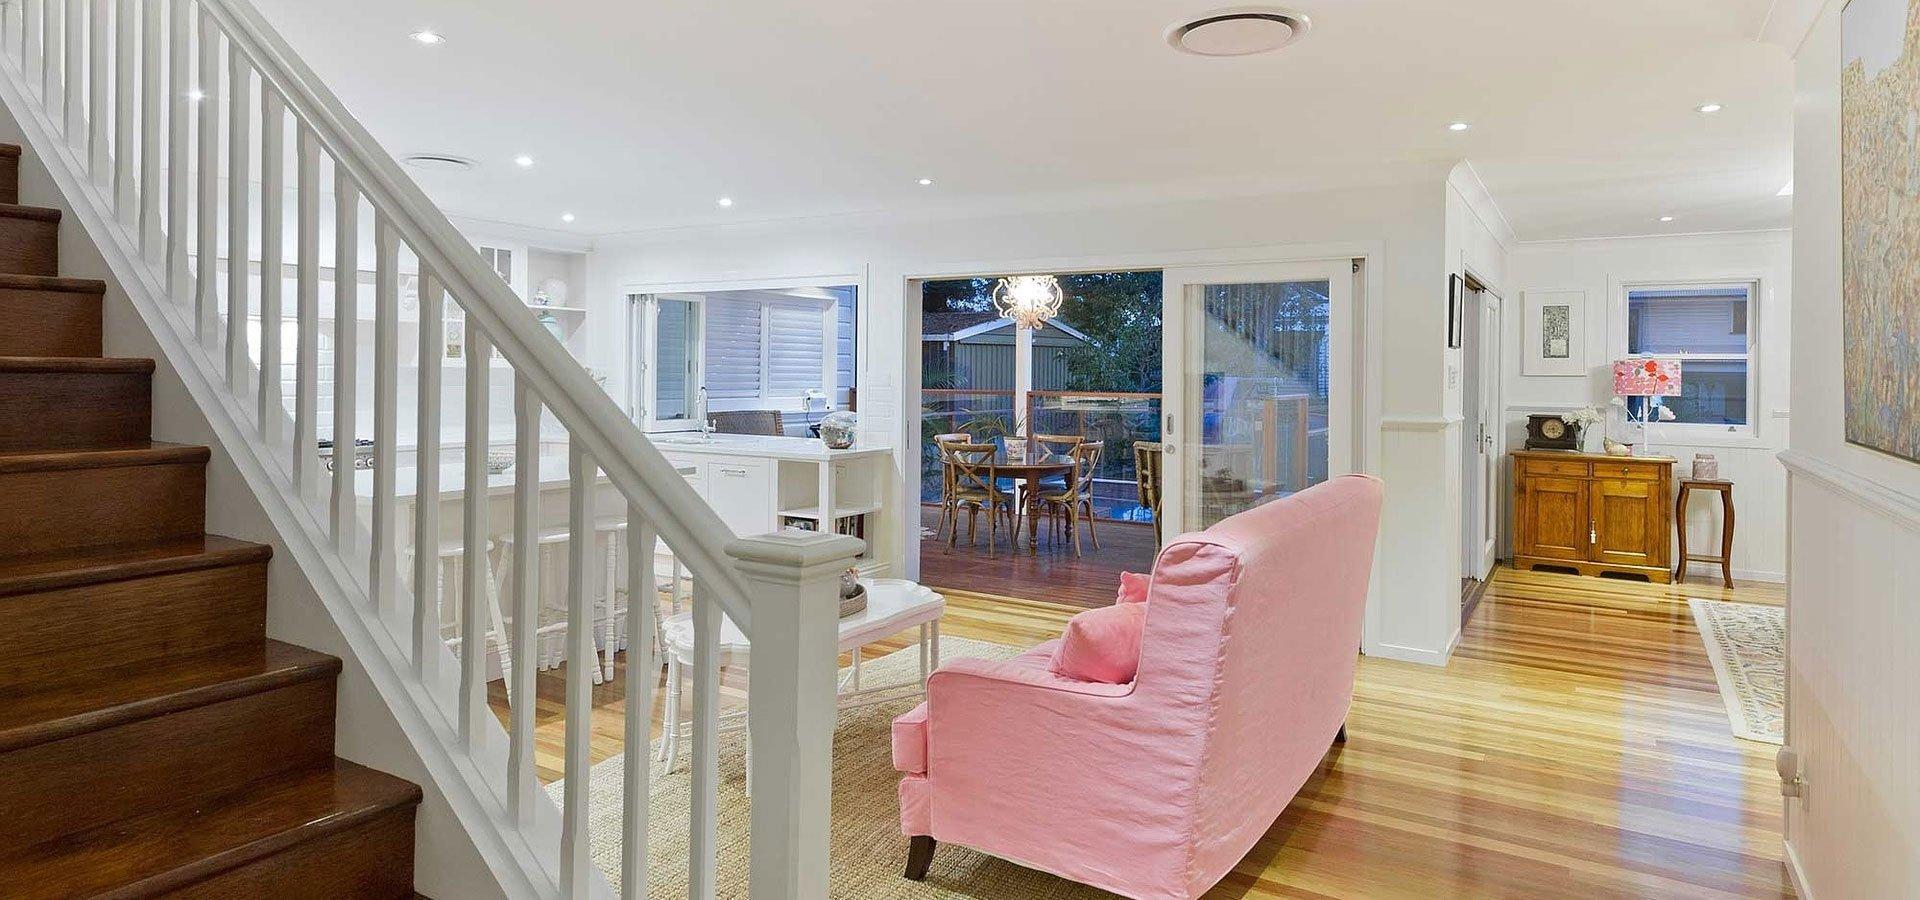 la tva taux r duit dans le b timent est une aide aux m nages pas aux entreprises rappelle la. Black Bedroom Furniture Sets. Home Design Ideas